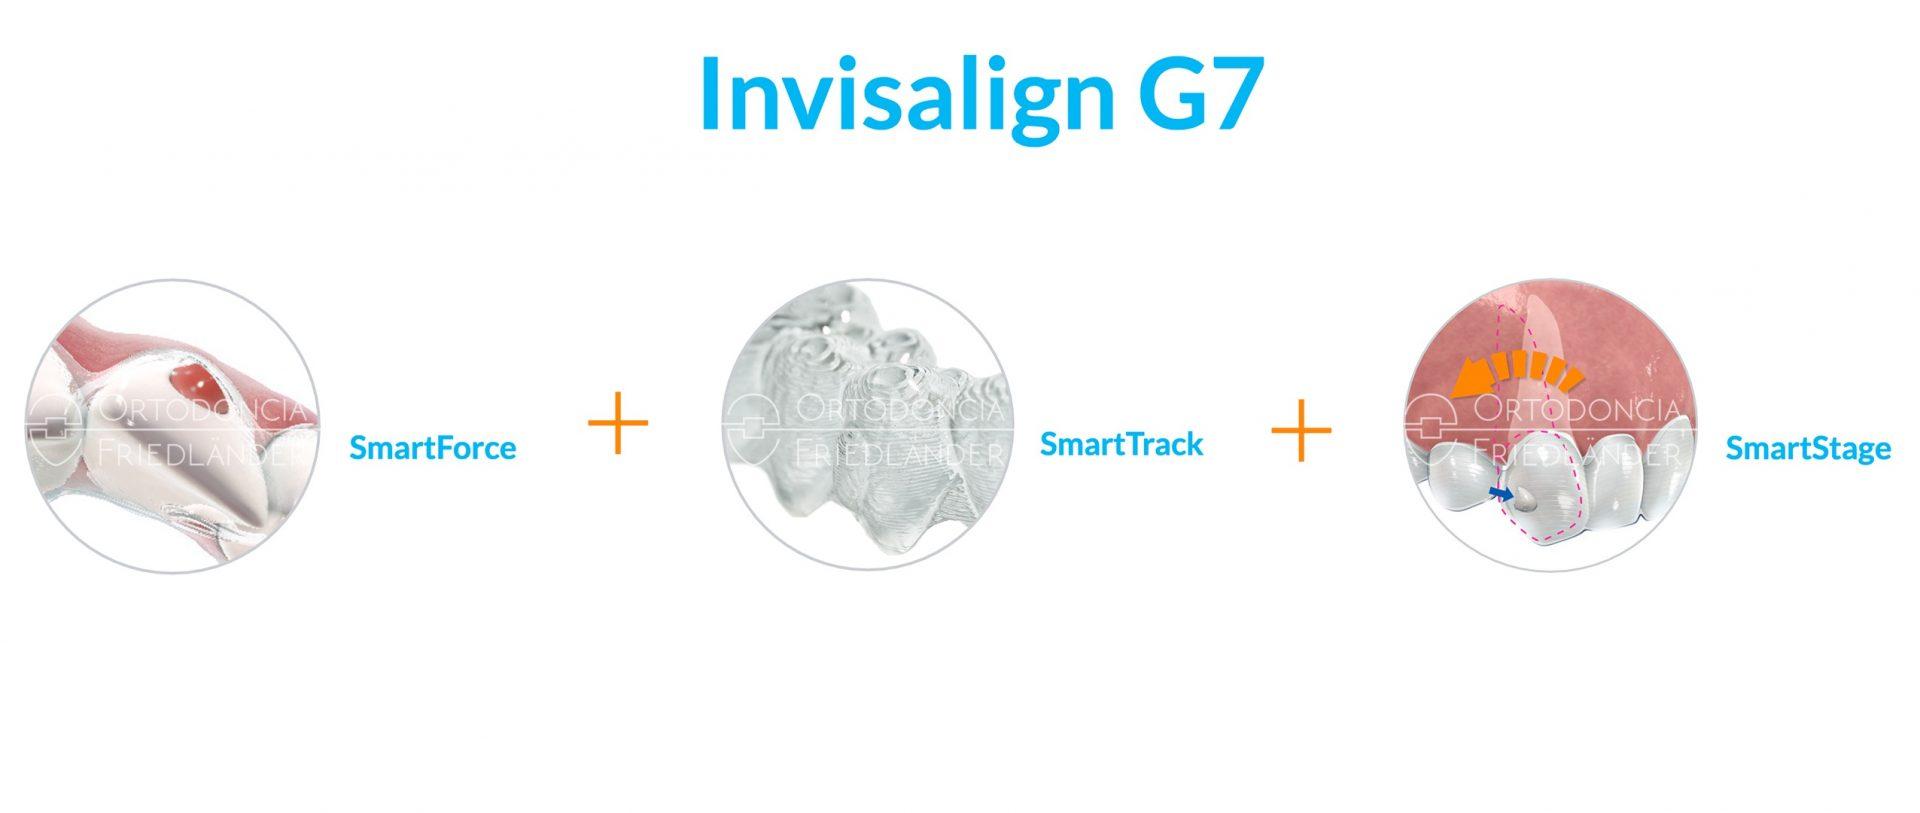 Sự kết hợp 3 tính năng của Invisalign thế hệ G7 giúp quá trình điều trị nhanh hơn cho khách hàng